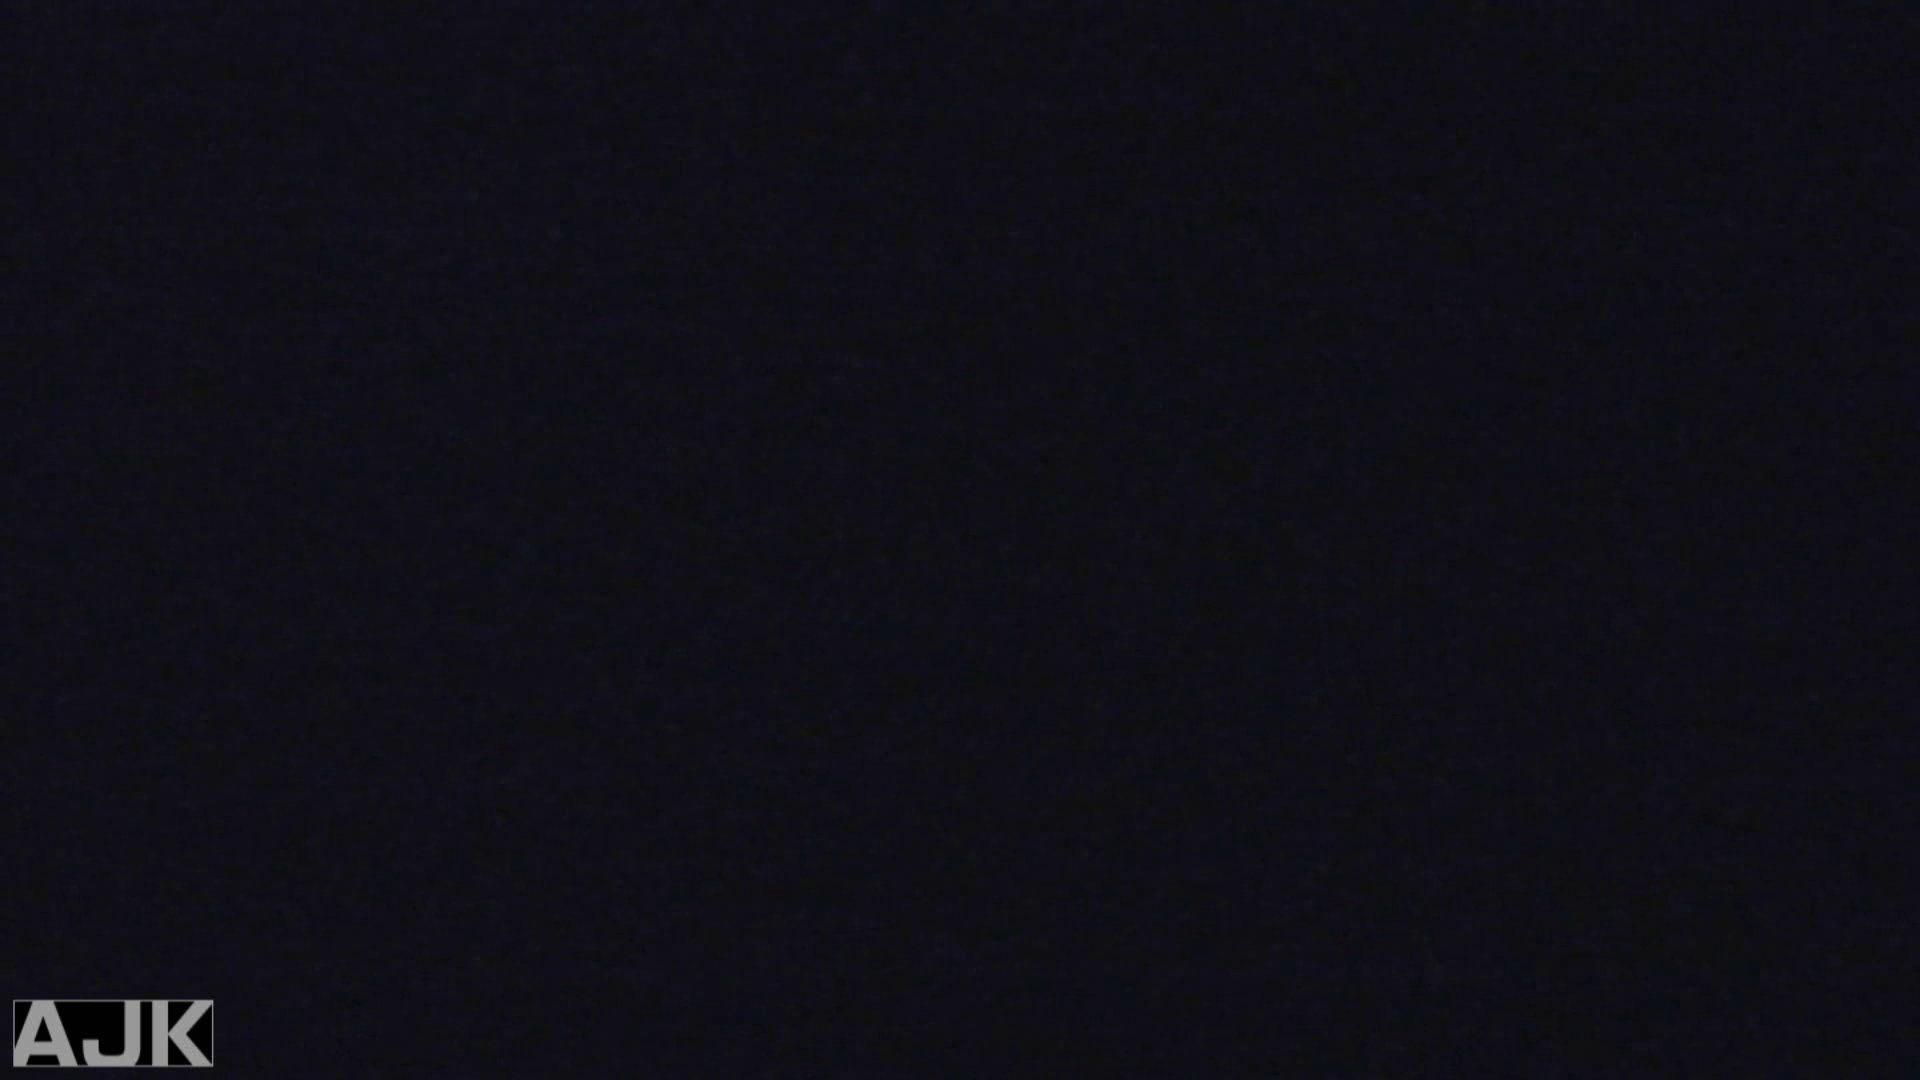 神降臨!史上最強の潜入かわや! vol.22 オマンコ秘宝館 濡れ場動画紹介 56連発 19